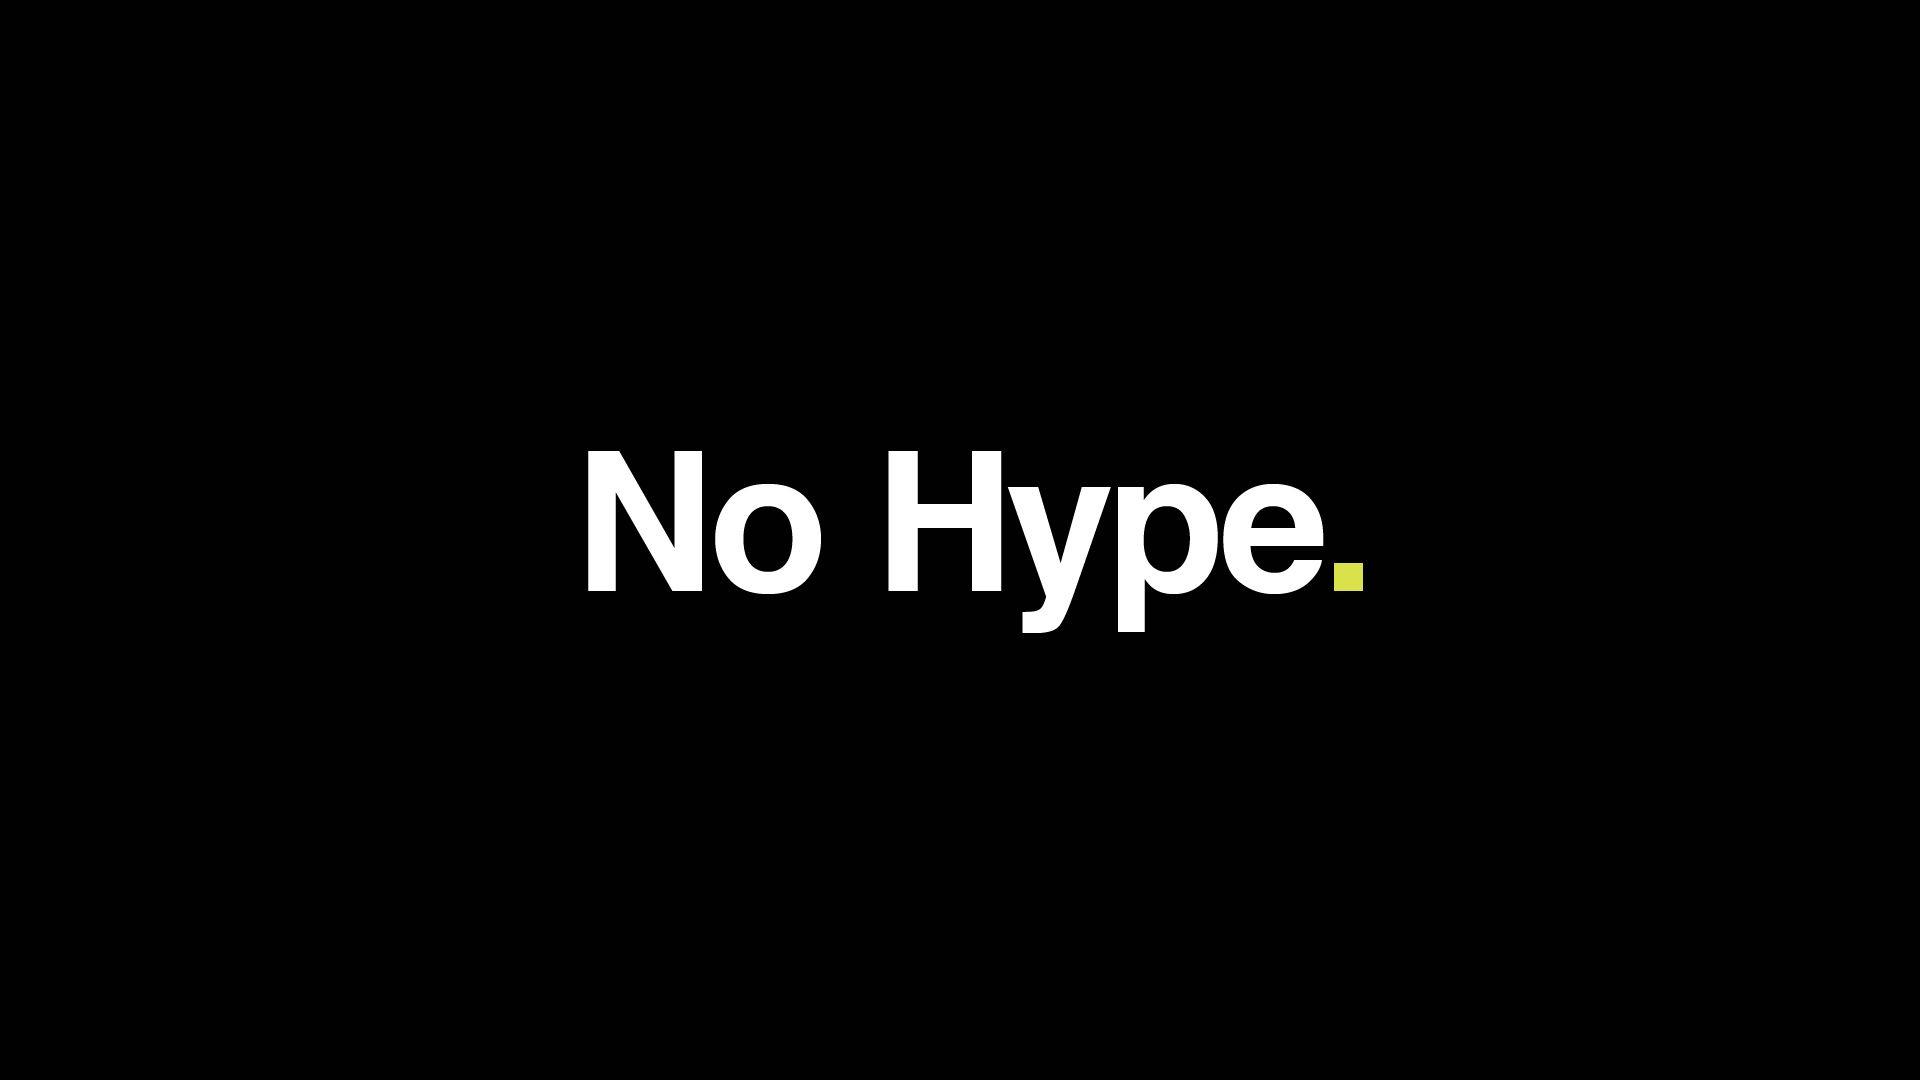 No Hype.